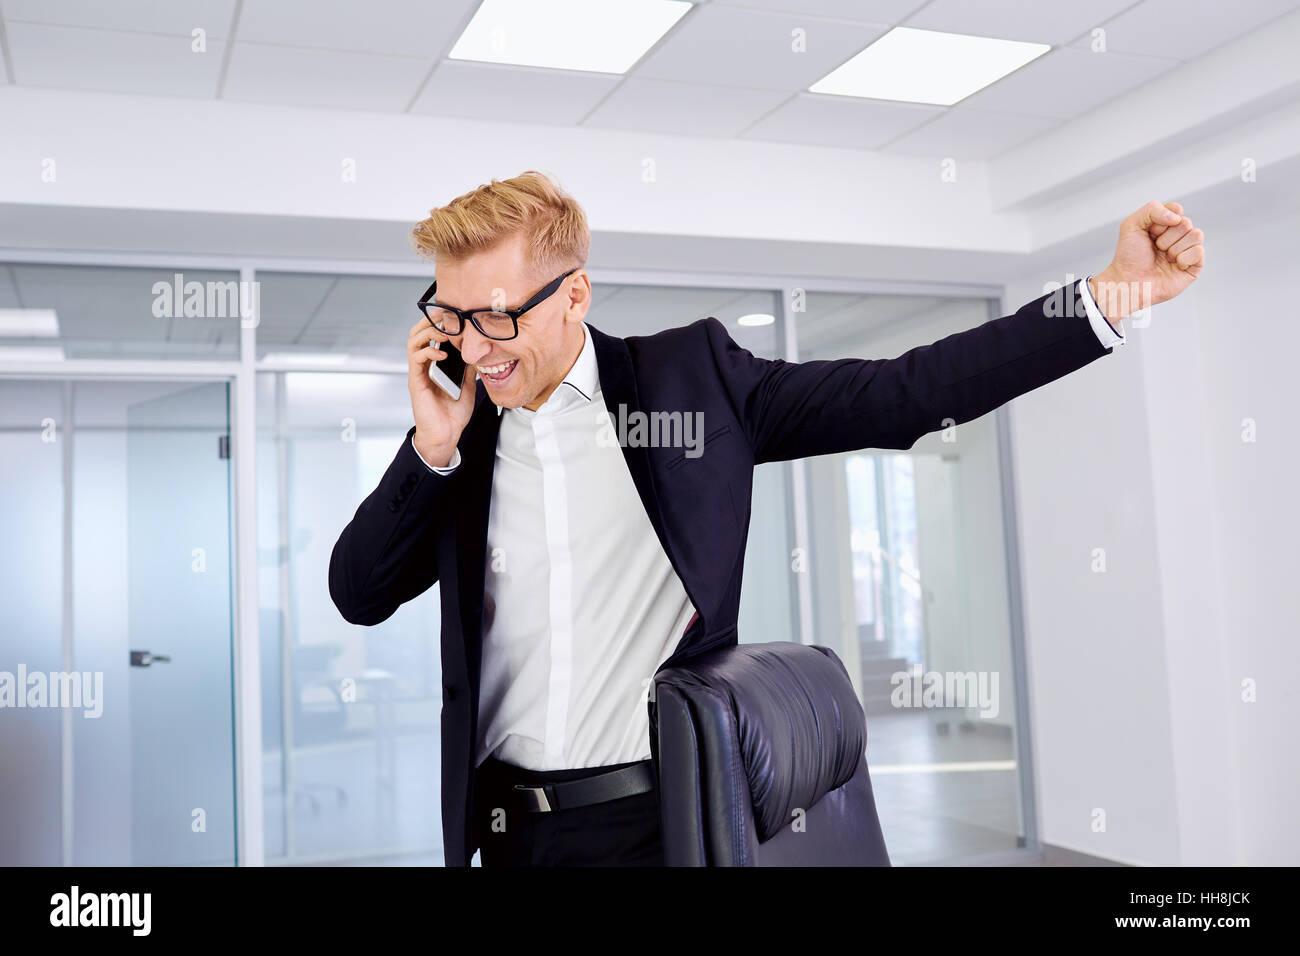 Das Konzept der Erfolg, Sieg, Business. Geschäftsmann Blondine mit Brille hob die Faust, am Telefon Lächeln, Stockbild